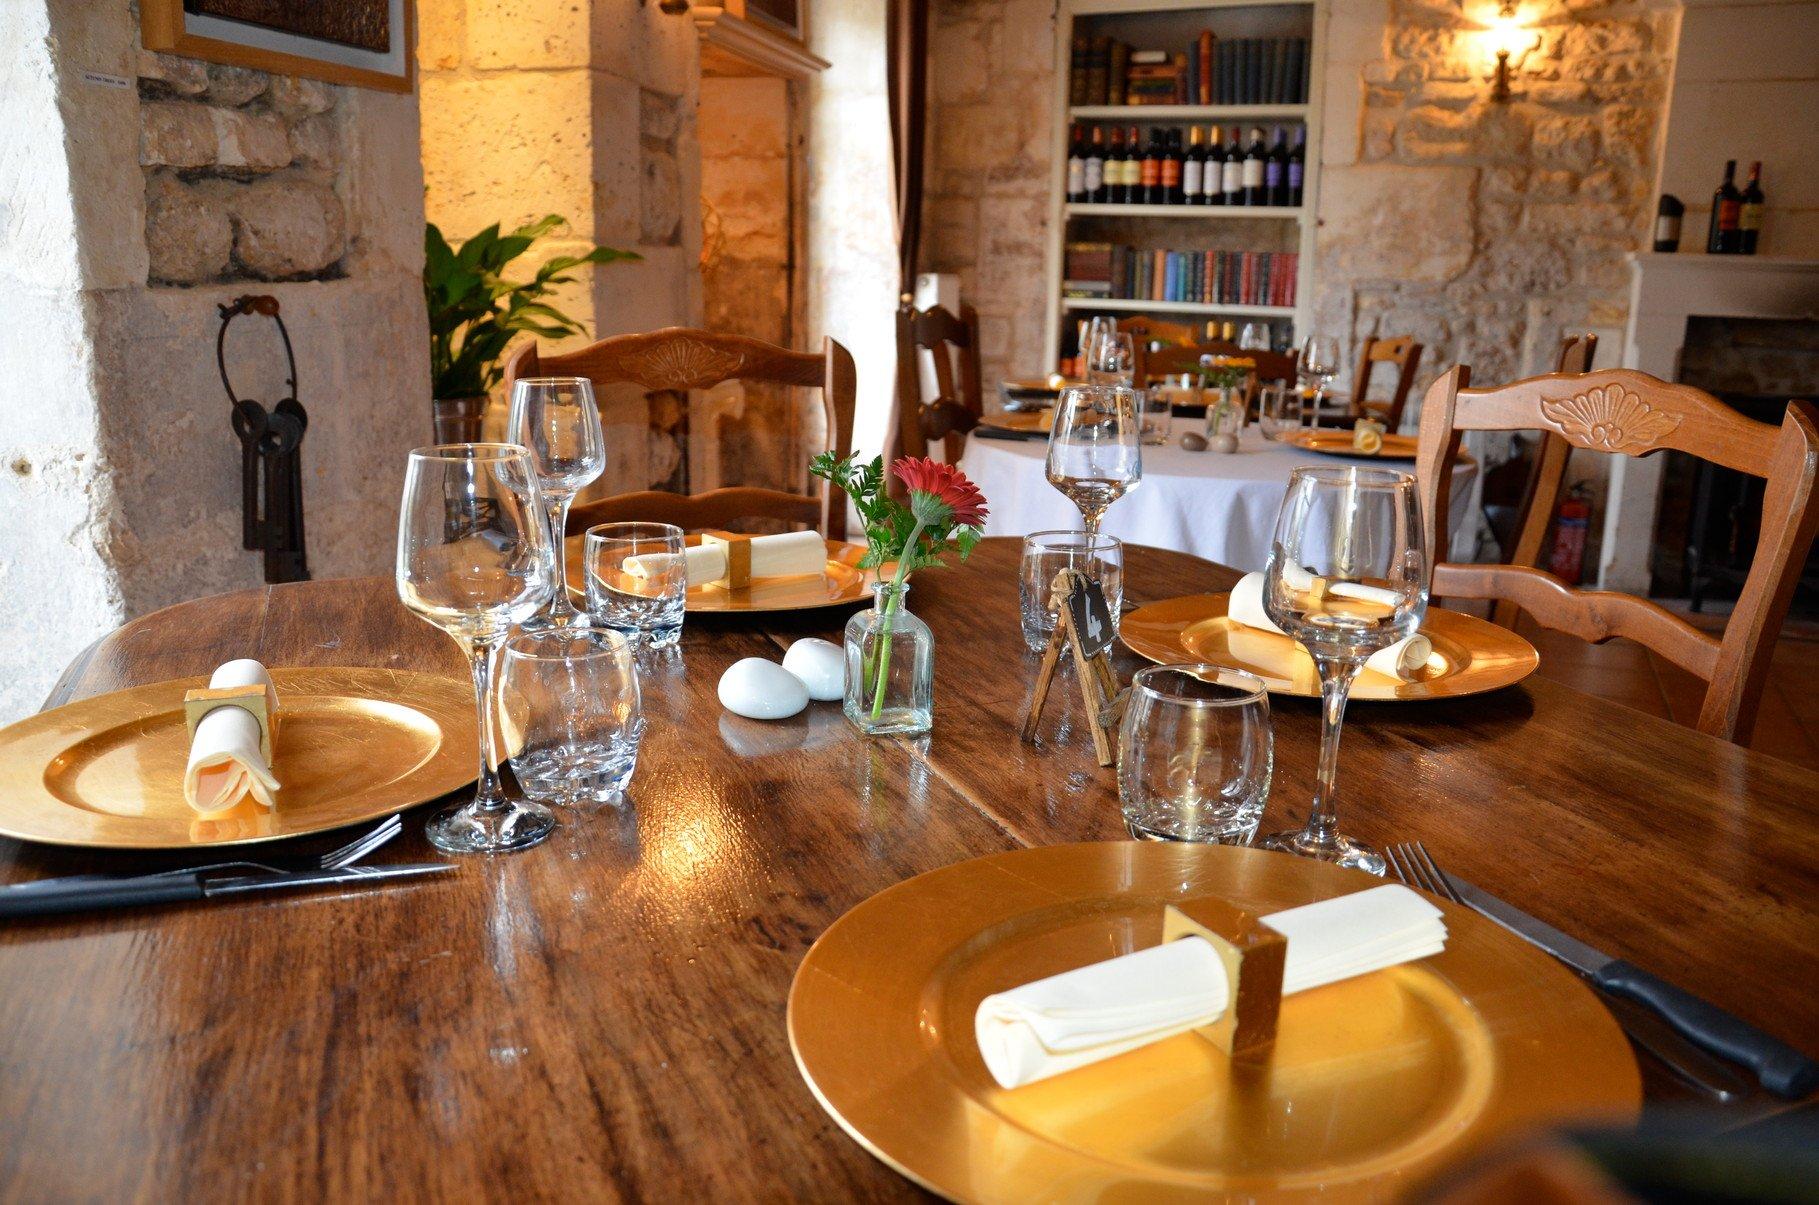 La Tonnellerie, Chateauneuf sur Charente - stujarvis.com